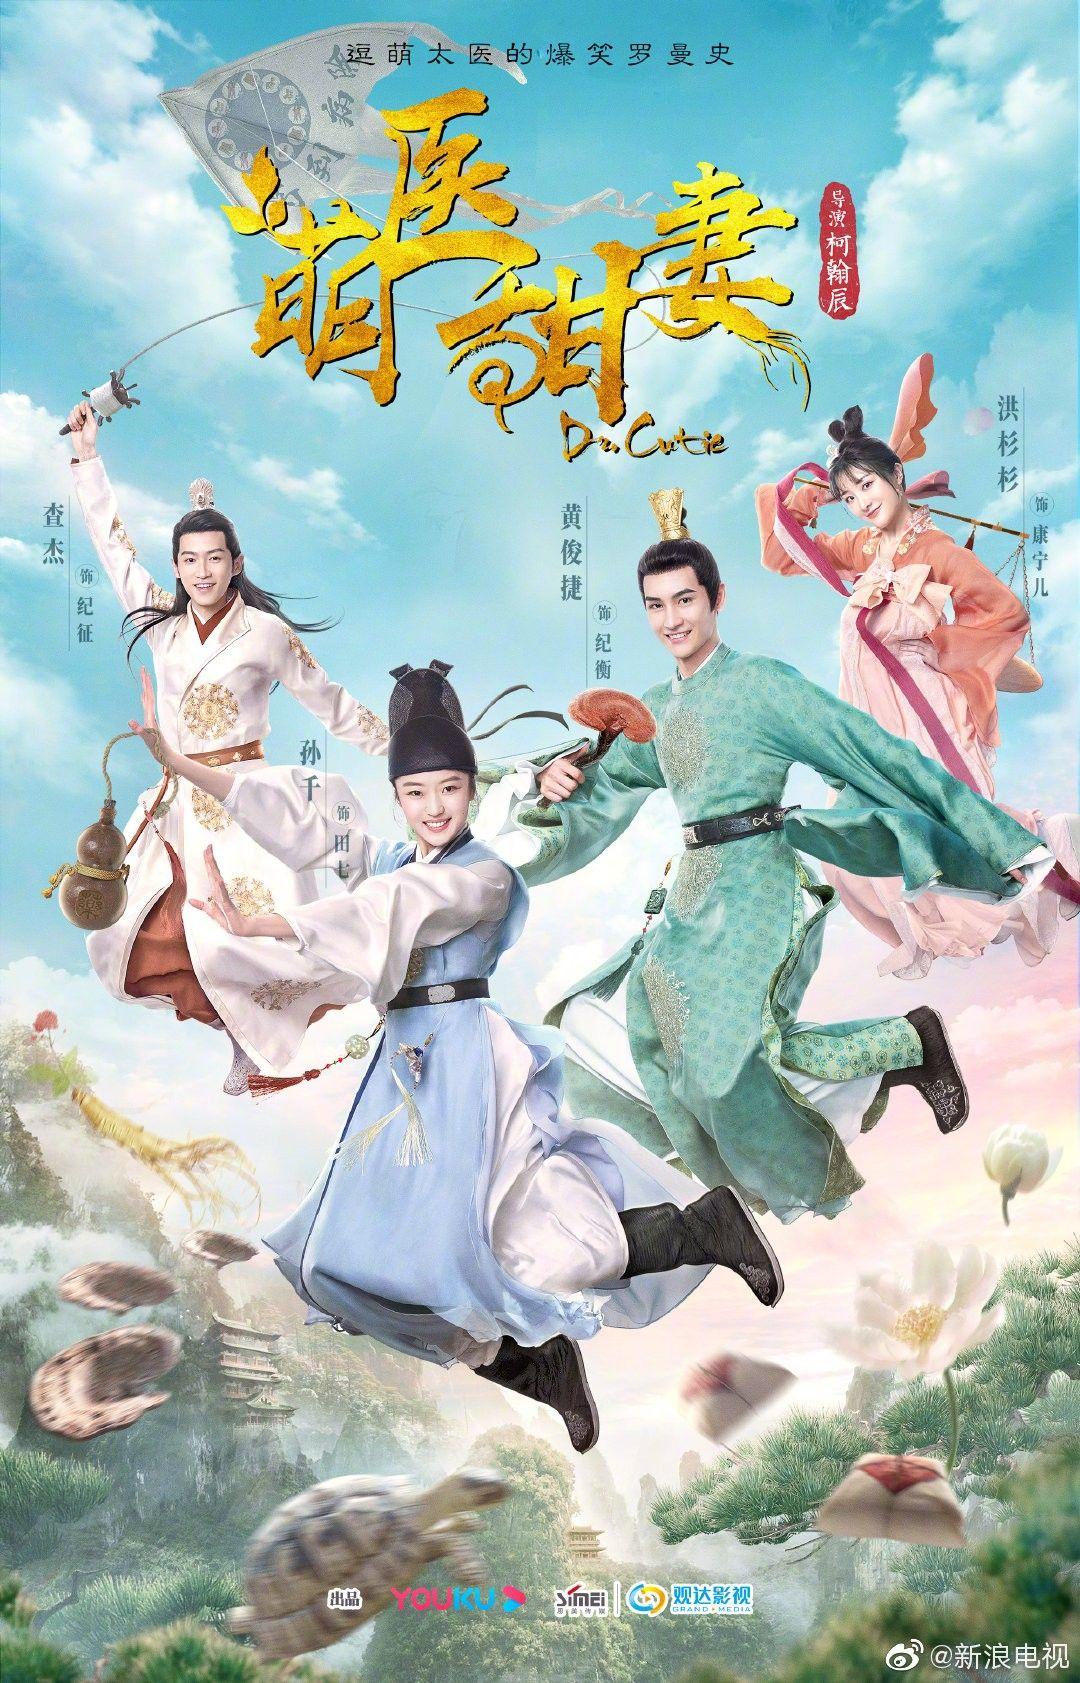 Dr cutie drama movies movie posters drama